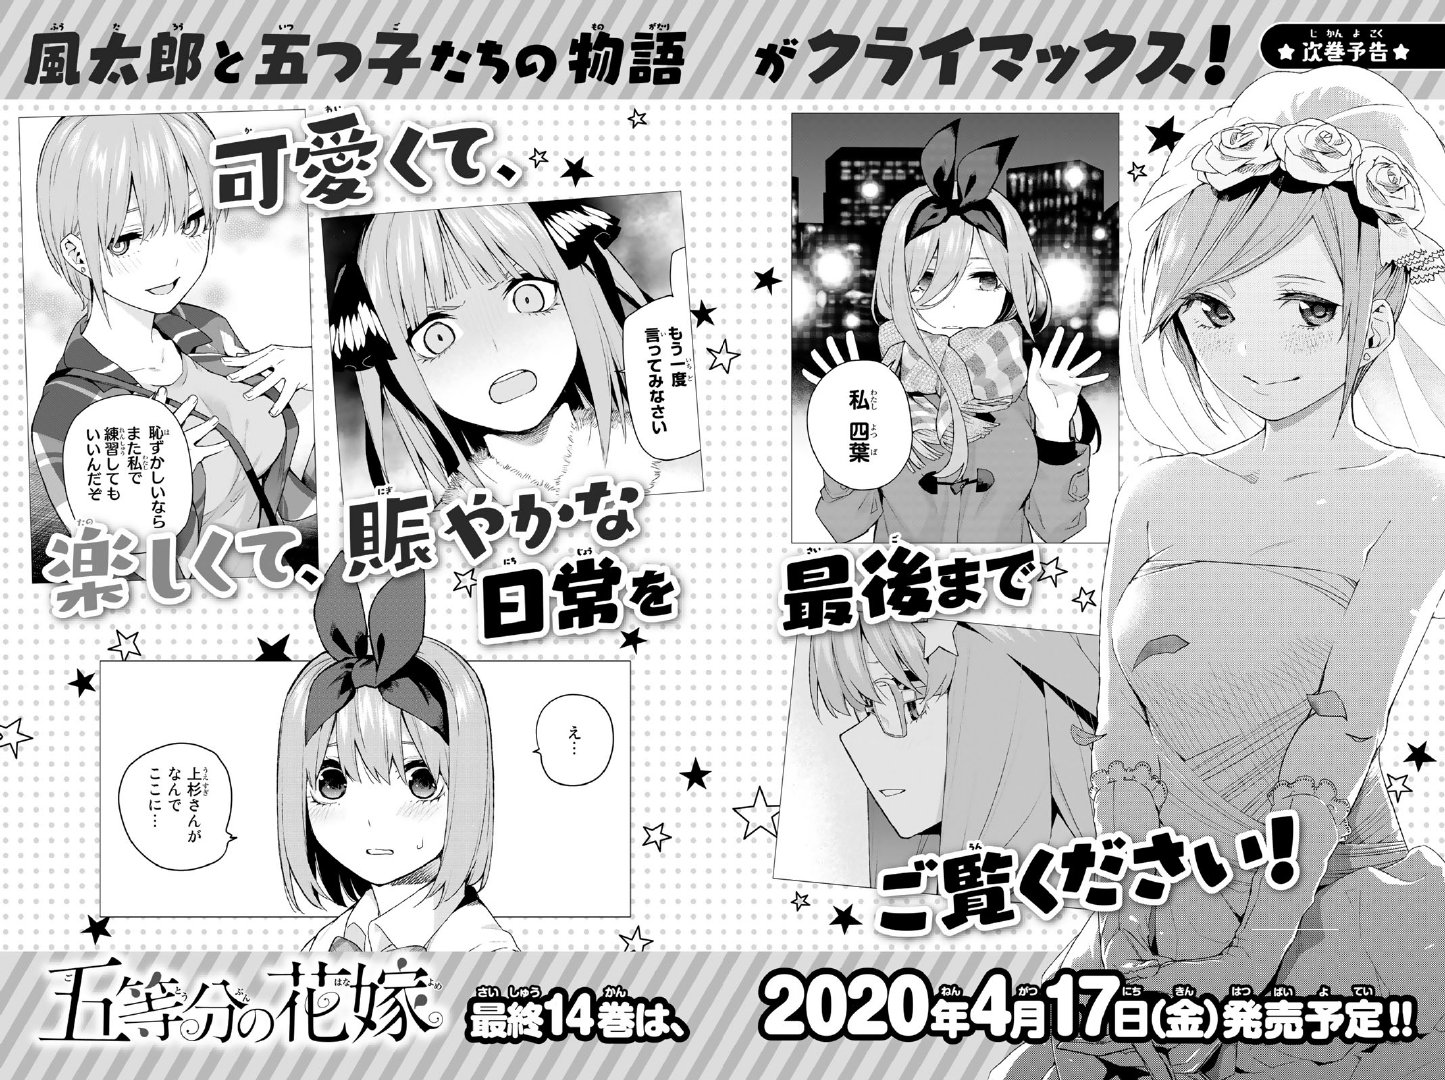 14 五 花嫁 巻 等 分 の 漫画